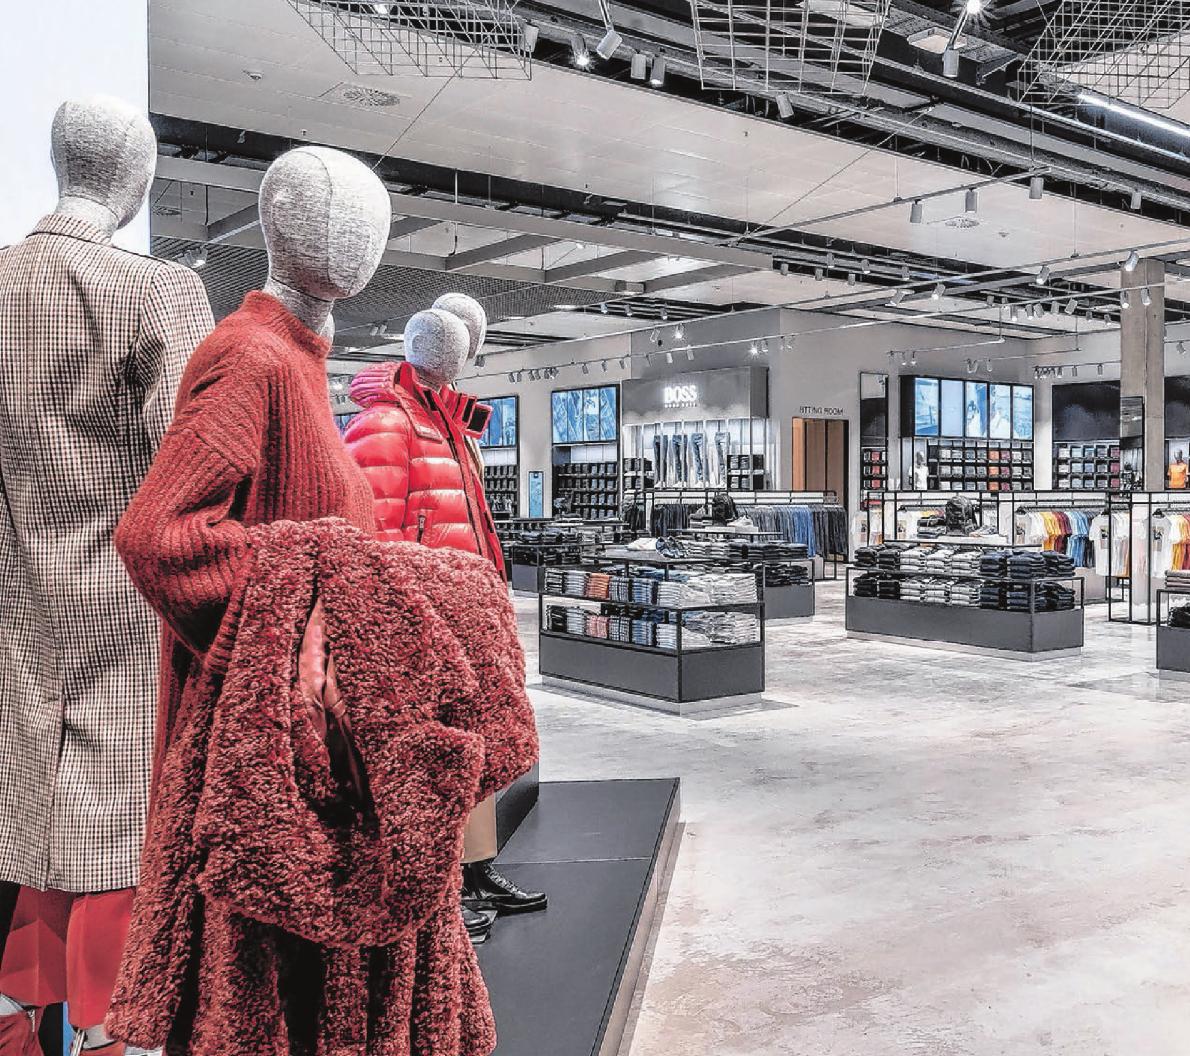 Hochwertige Mode, Accessoires und vieles mehr: Hier ist man eingeladen, die Markenwelten von Boss zu entdecken.